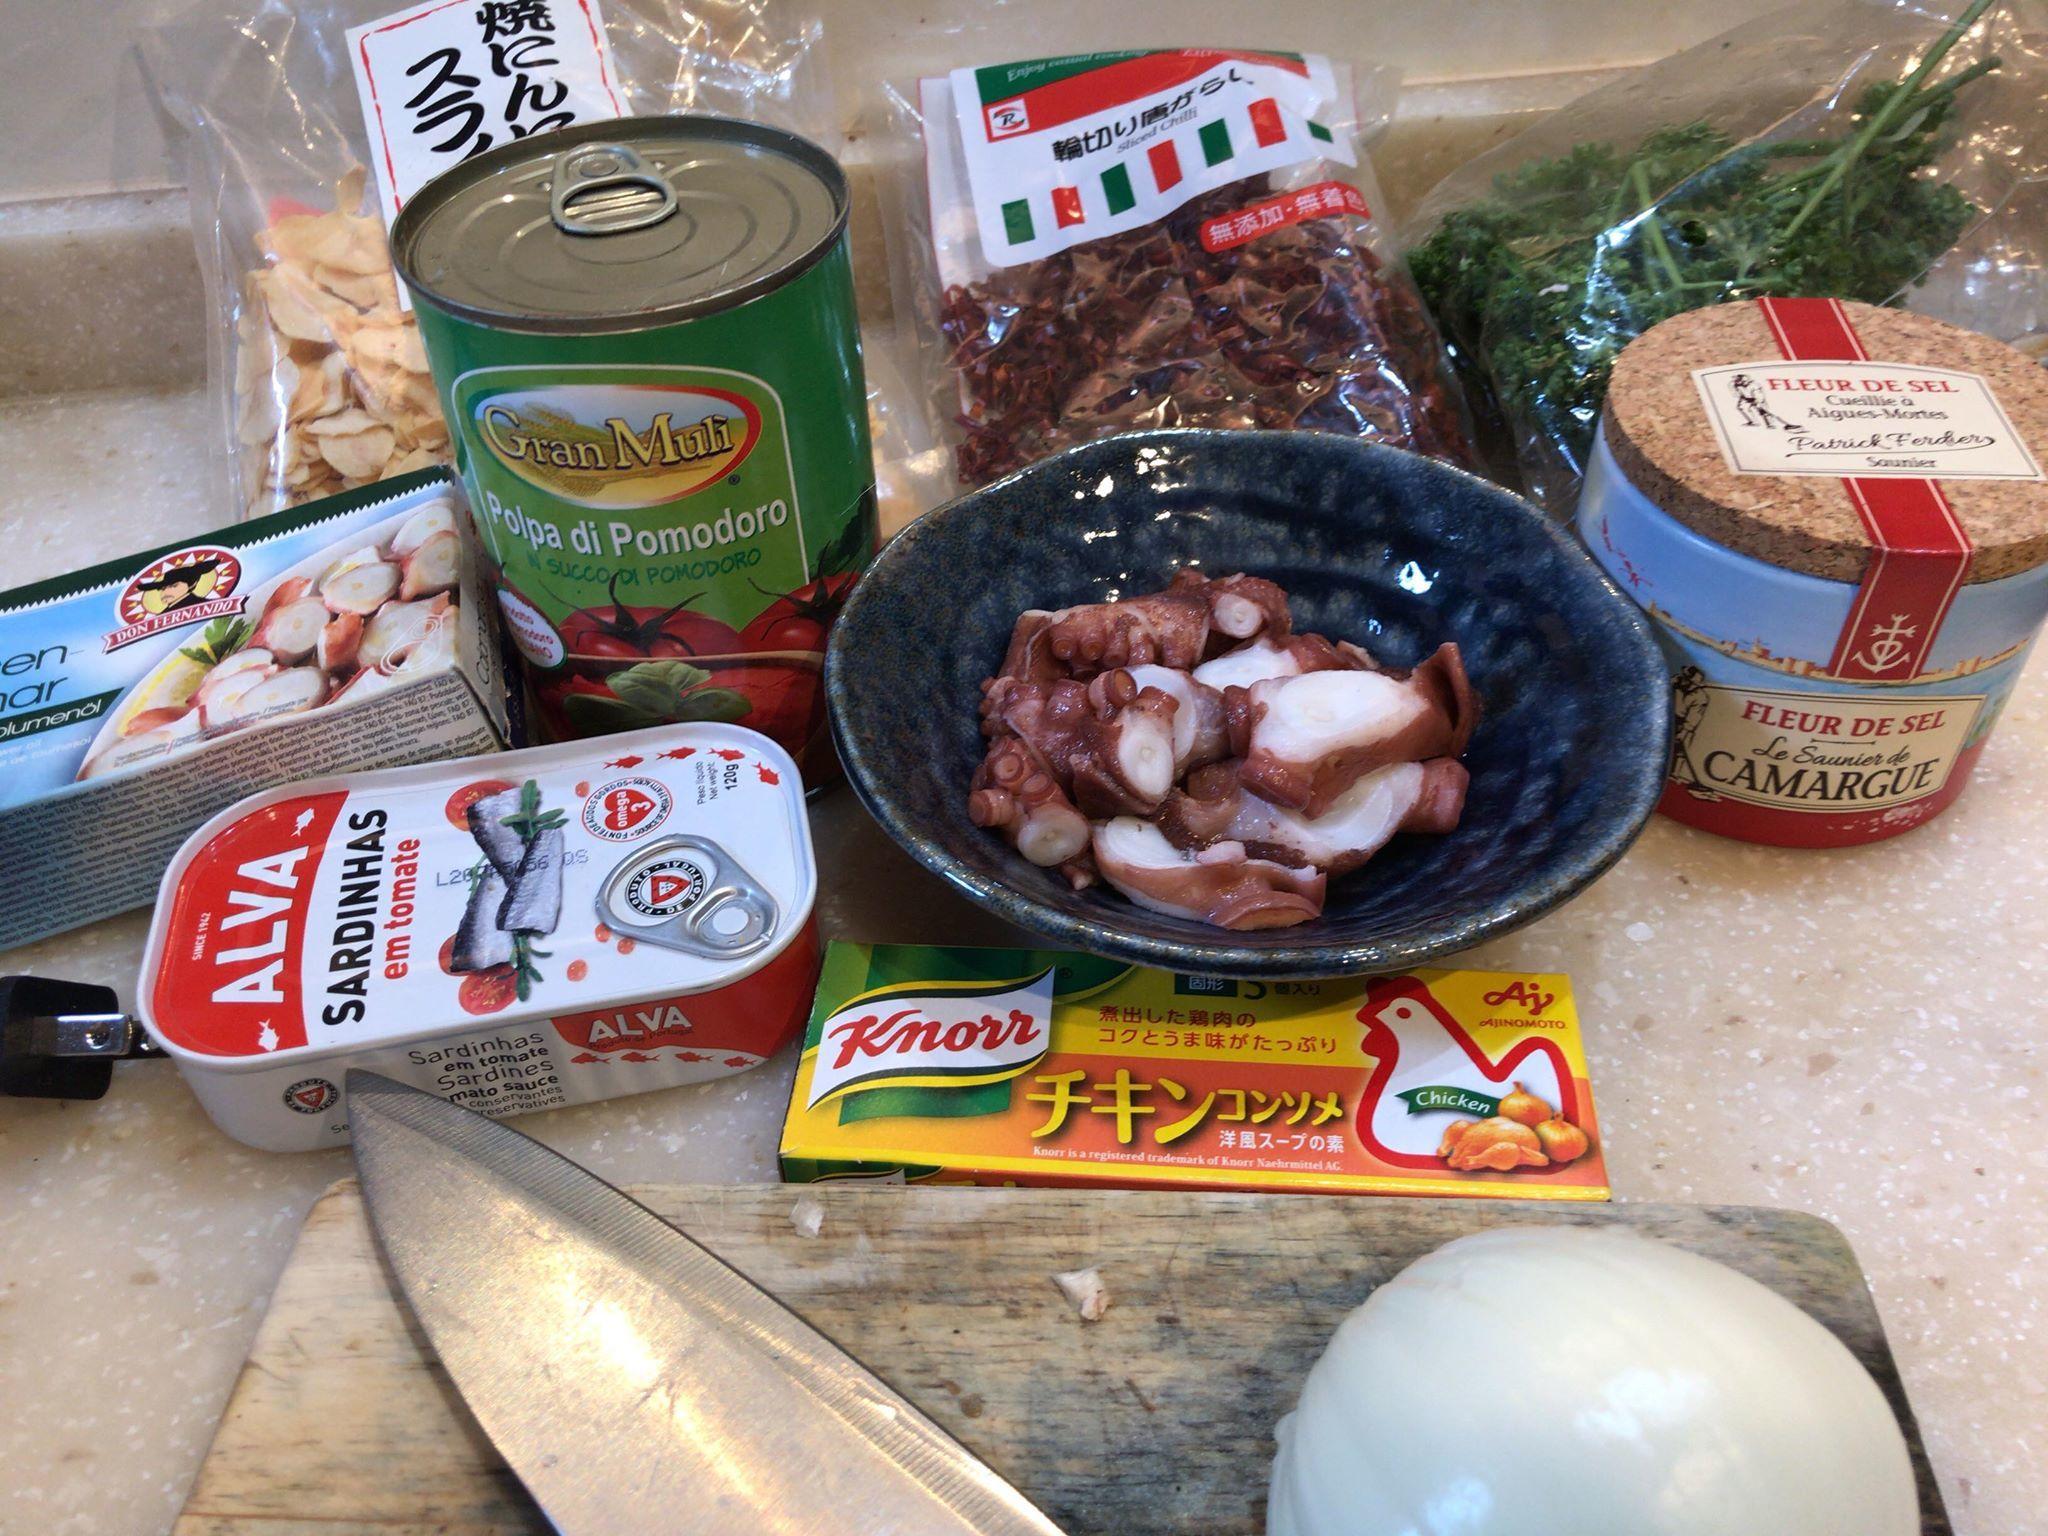 /// 今日のおばんざい・朝野家館主の簡単レシピ『タコのトマト煮』 ///_f0112434_15501914.jpg